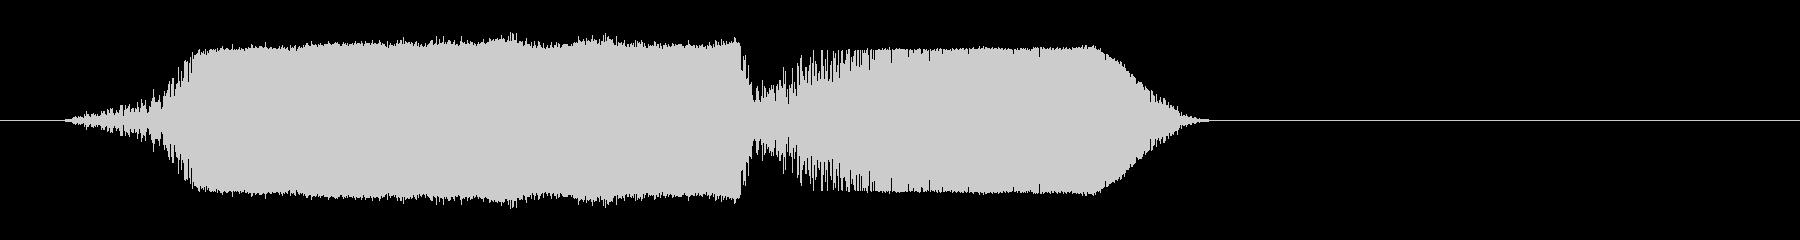 ドラッグスター;燃え尽きる(2台の...の未再生の波形